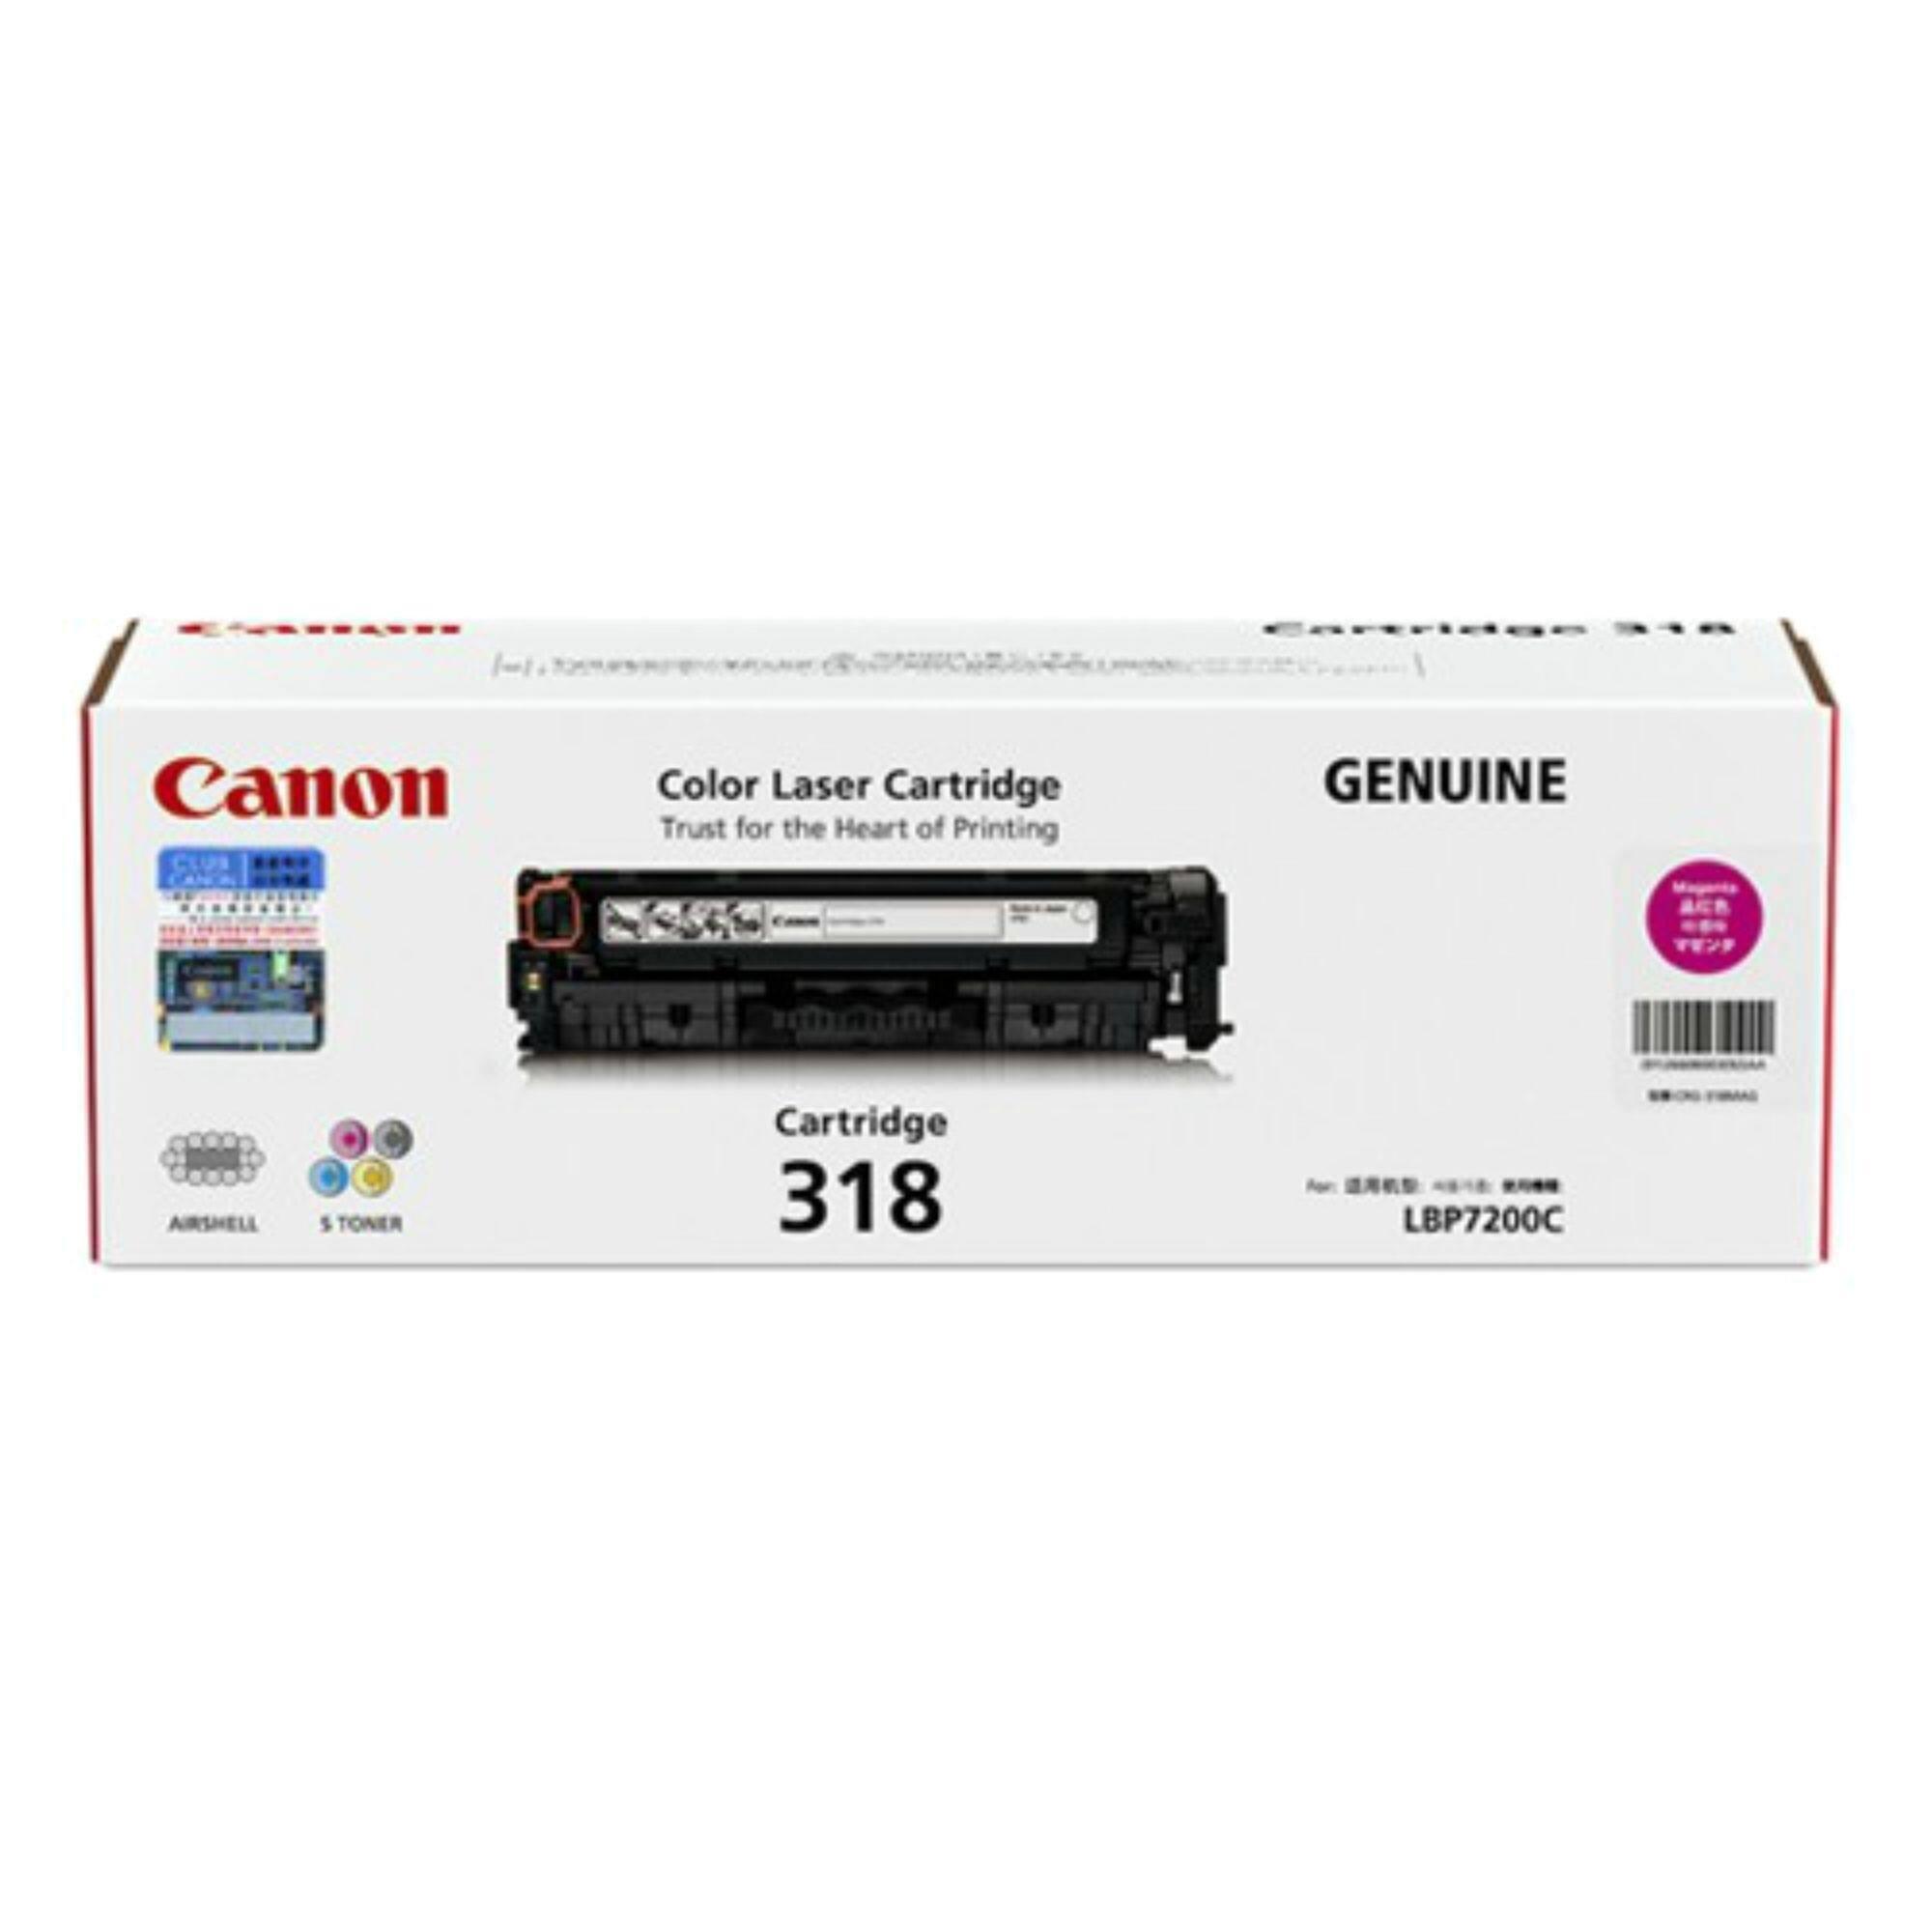 Canon Cart 318 Magenta Toner for LBP7680Cx/LBP7200Cdn Printer